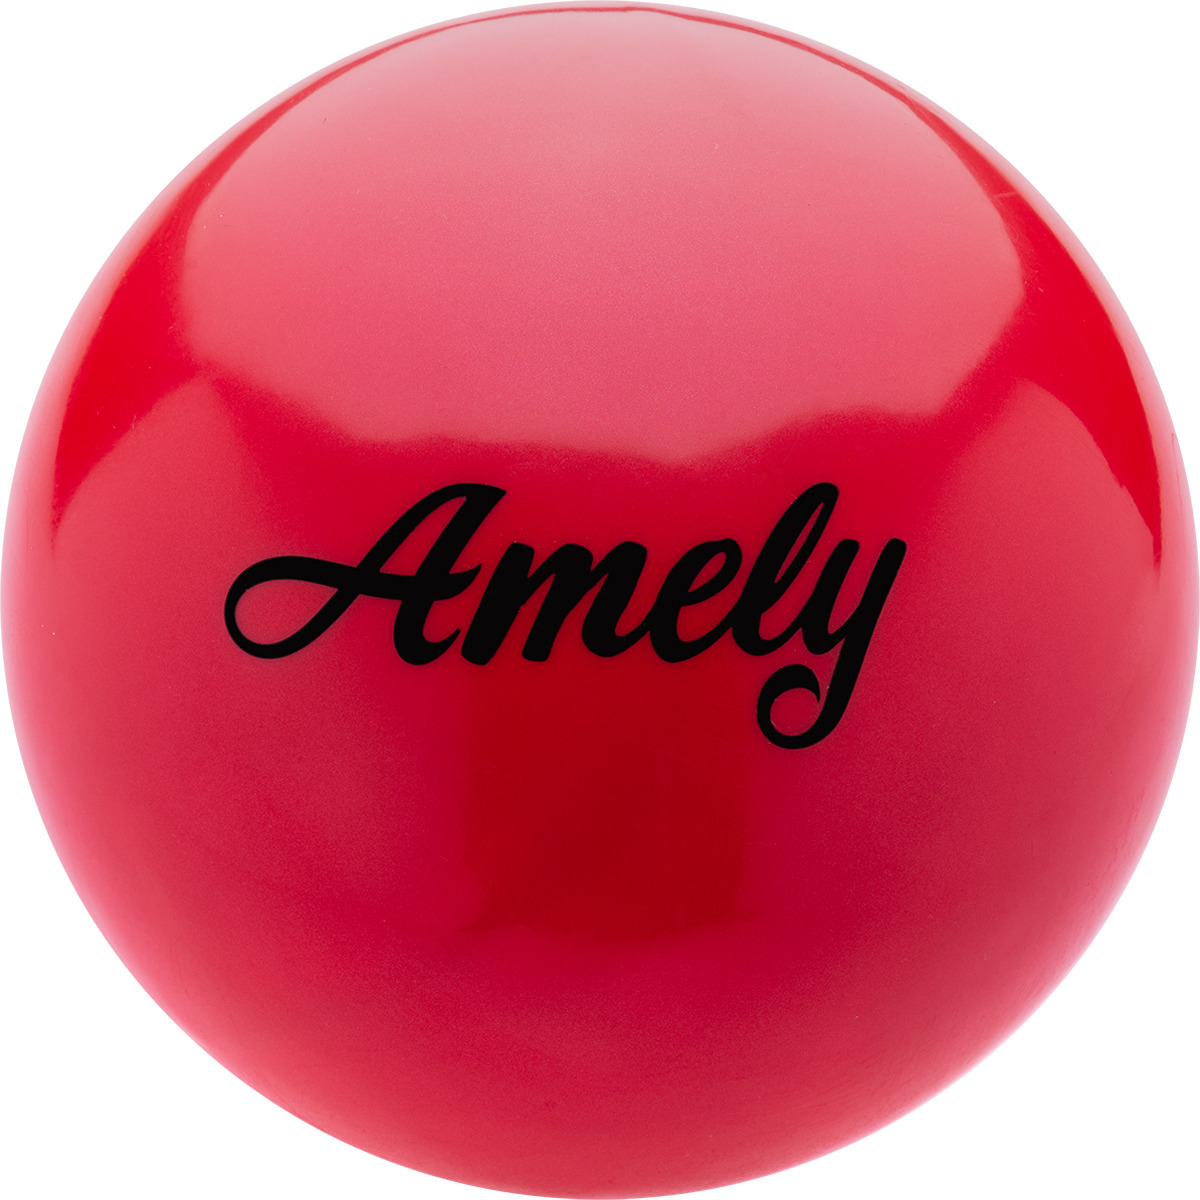 Мяч для художественной гимнастики Amely Практичный и надежный мяч для художественной гимнастики диаметром 19 см. Цвет яркий, однотонный, без глиттера. Материал мяча – ПВХ. Вес 400 грамм. Мяч диаметром 19 см предназначен для спортсменок-юниоров и взрослых гимнасток. Как правило, цвет мяча подбирается под образ и костюм гимнастки. Хранить мяч нужно в чехле, чтобы на нем не появились царапины. Мячи с разноцветным покрытием или с блёстками имеют тонкий слой красочного покрытия, требующий бережного отношения. В зимнее время следует использовать утеплённый чехол, чтобы мяч не сдувался от перепада температуры. Желательно избегать попадания прямых солнечных лучей.